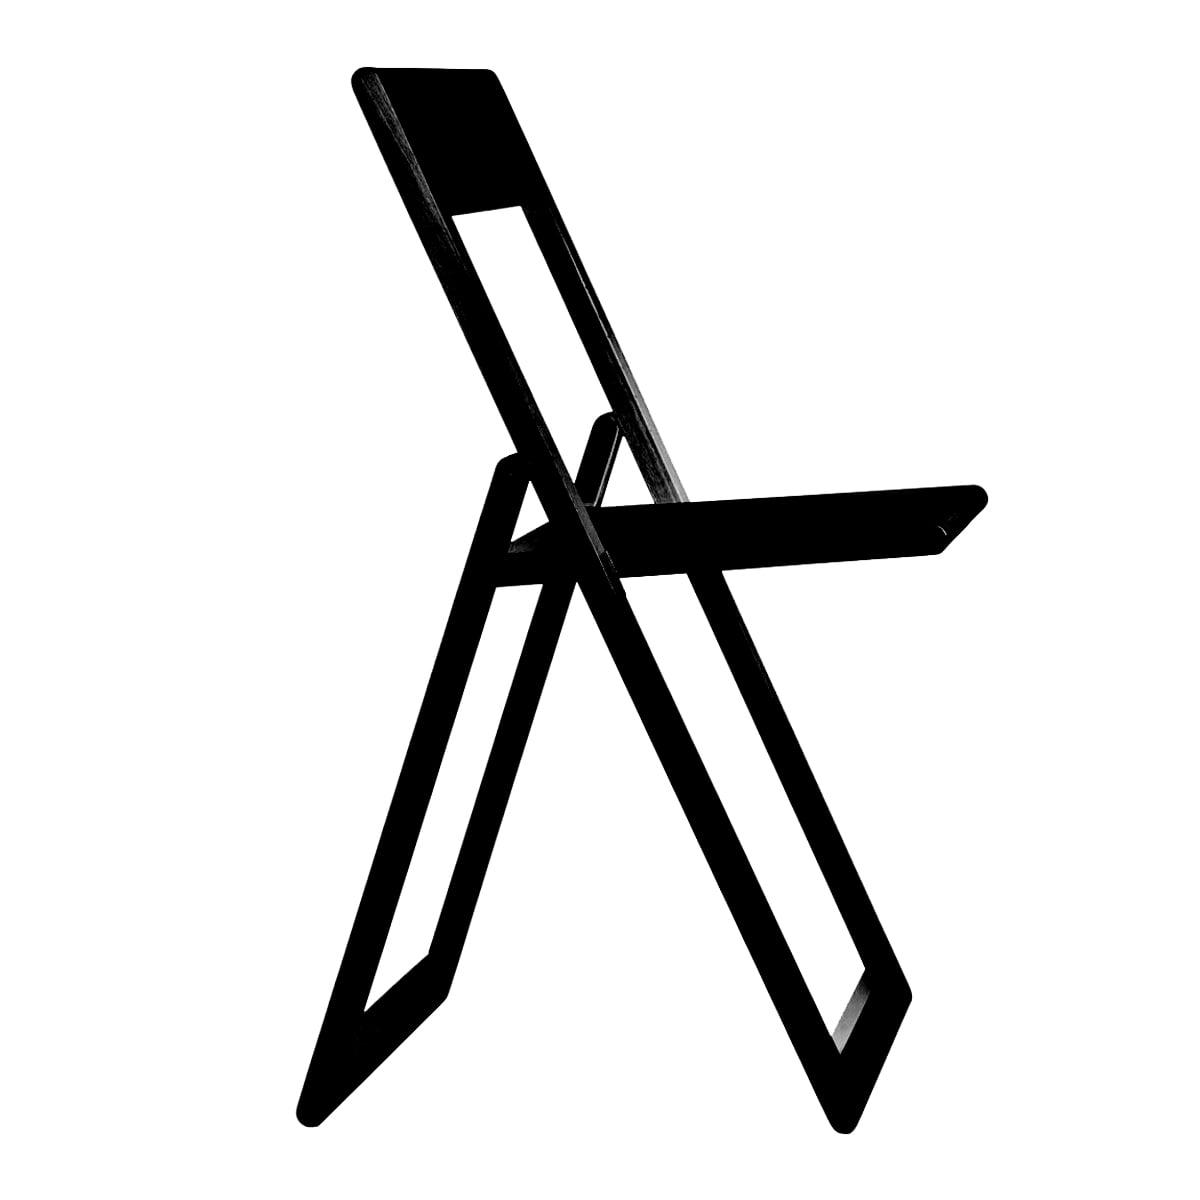 Magis - Aviva Klappstuhl| schwarz | Küche und Esszimmer > Stühle und Hocker > Klappstühle | Magis